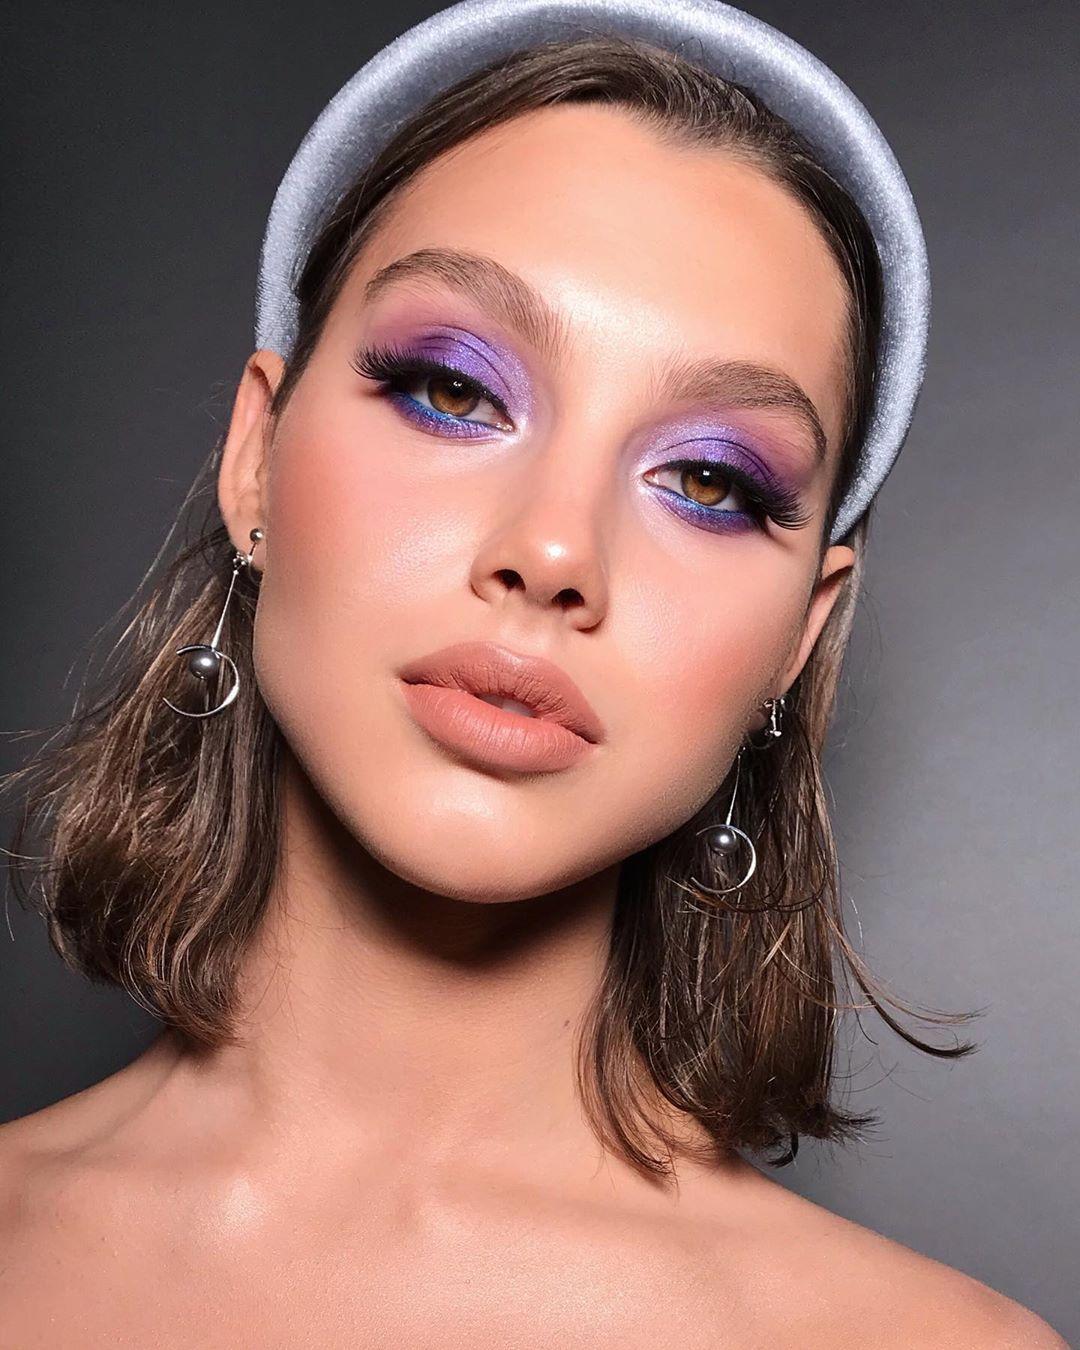 Что такое макияж гранж - как сделать самостоятельно